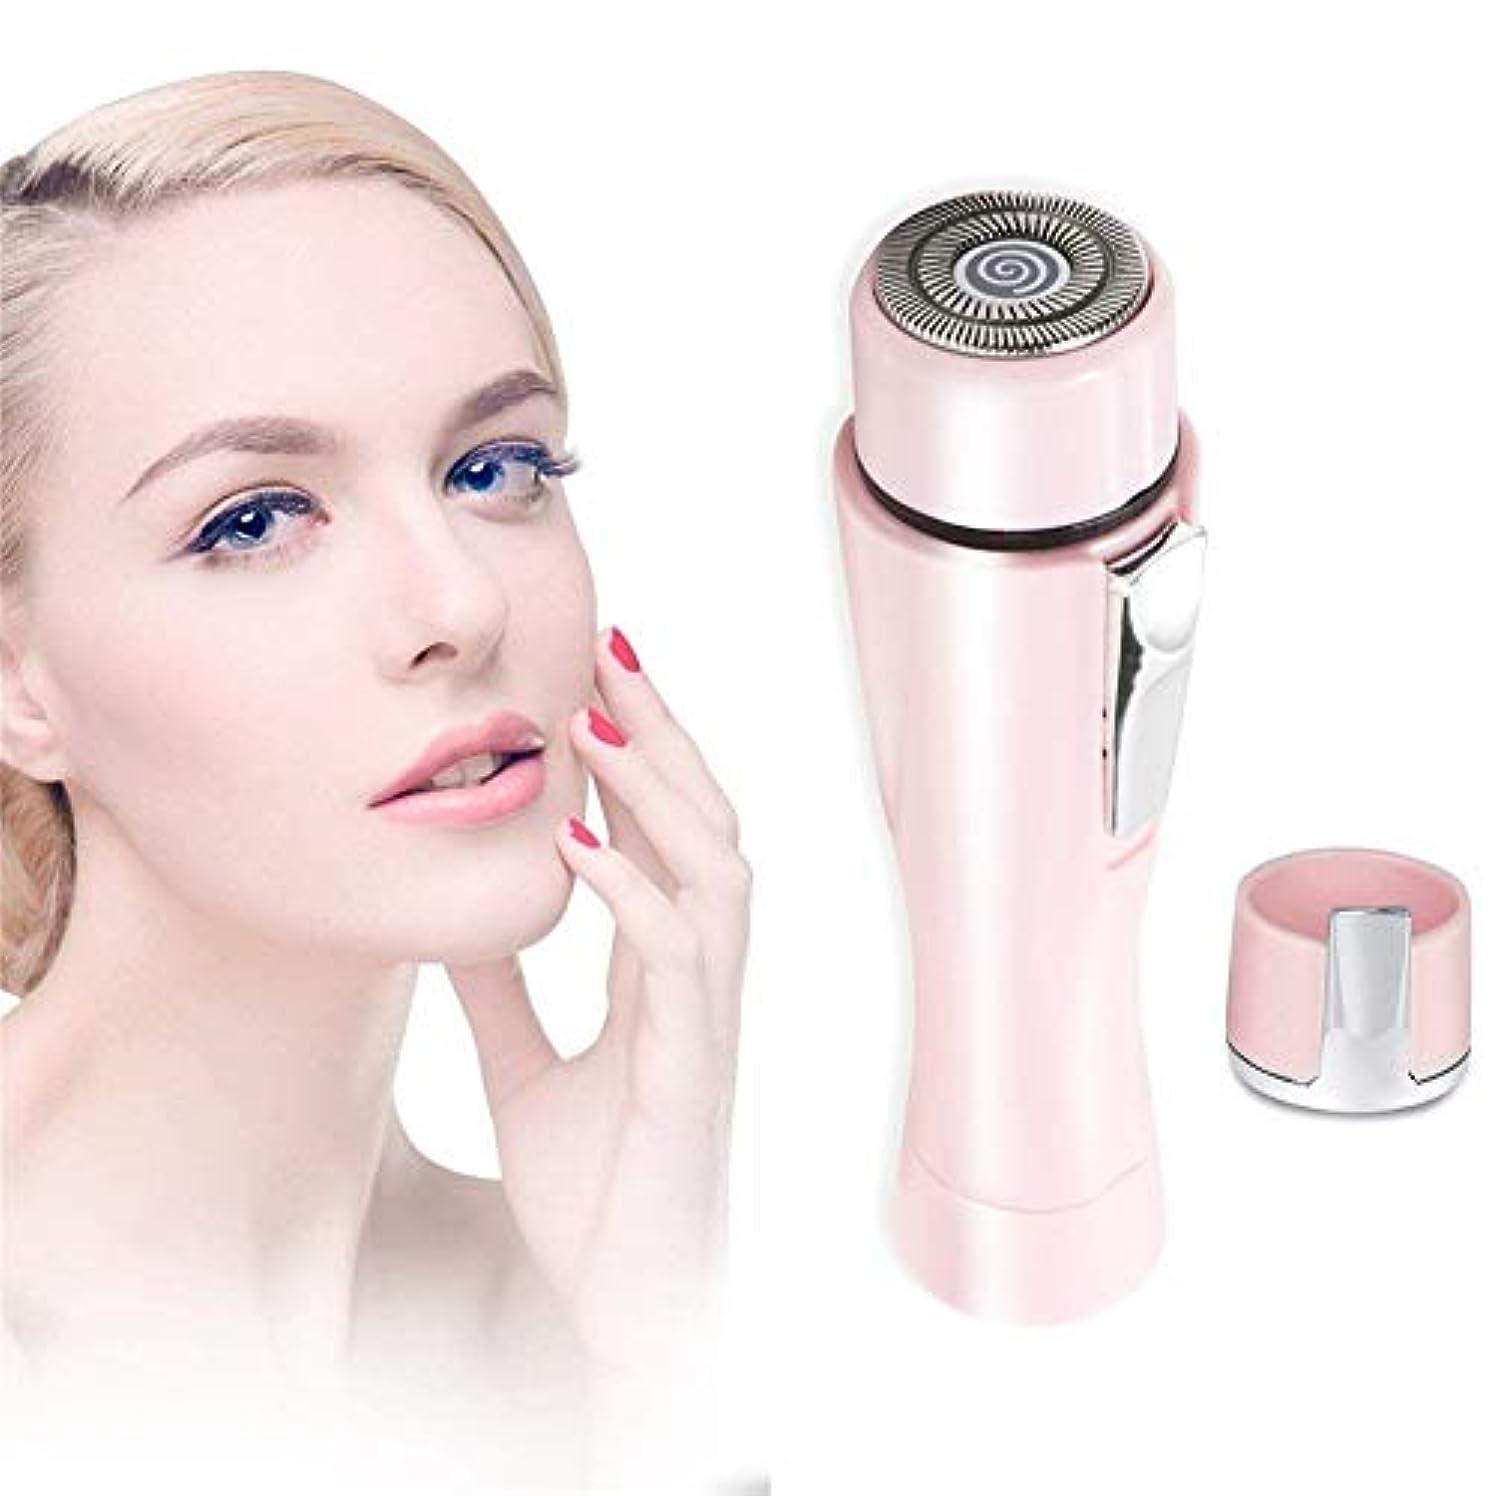 信念頑丈スーツ電気毛の除去剤、痛みのない顔の毛の除去剤、完璧な女性の顔の毛のトリマー - ピーチファズ、あご&上唇の口ひげの毛の効果的な除去